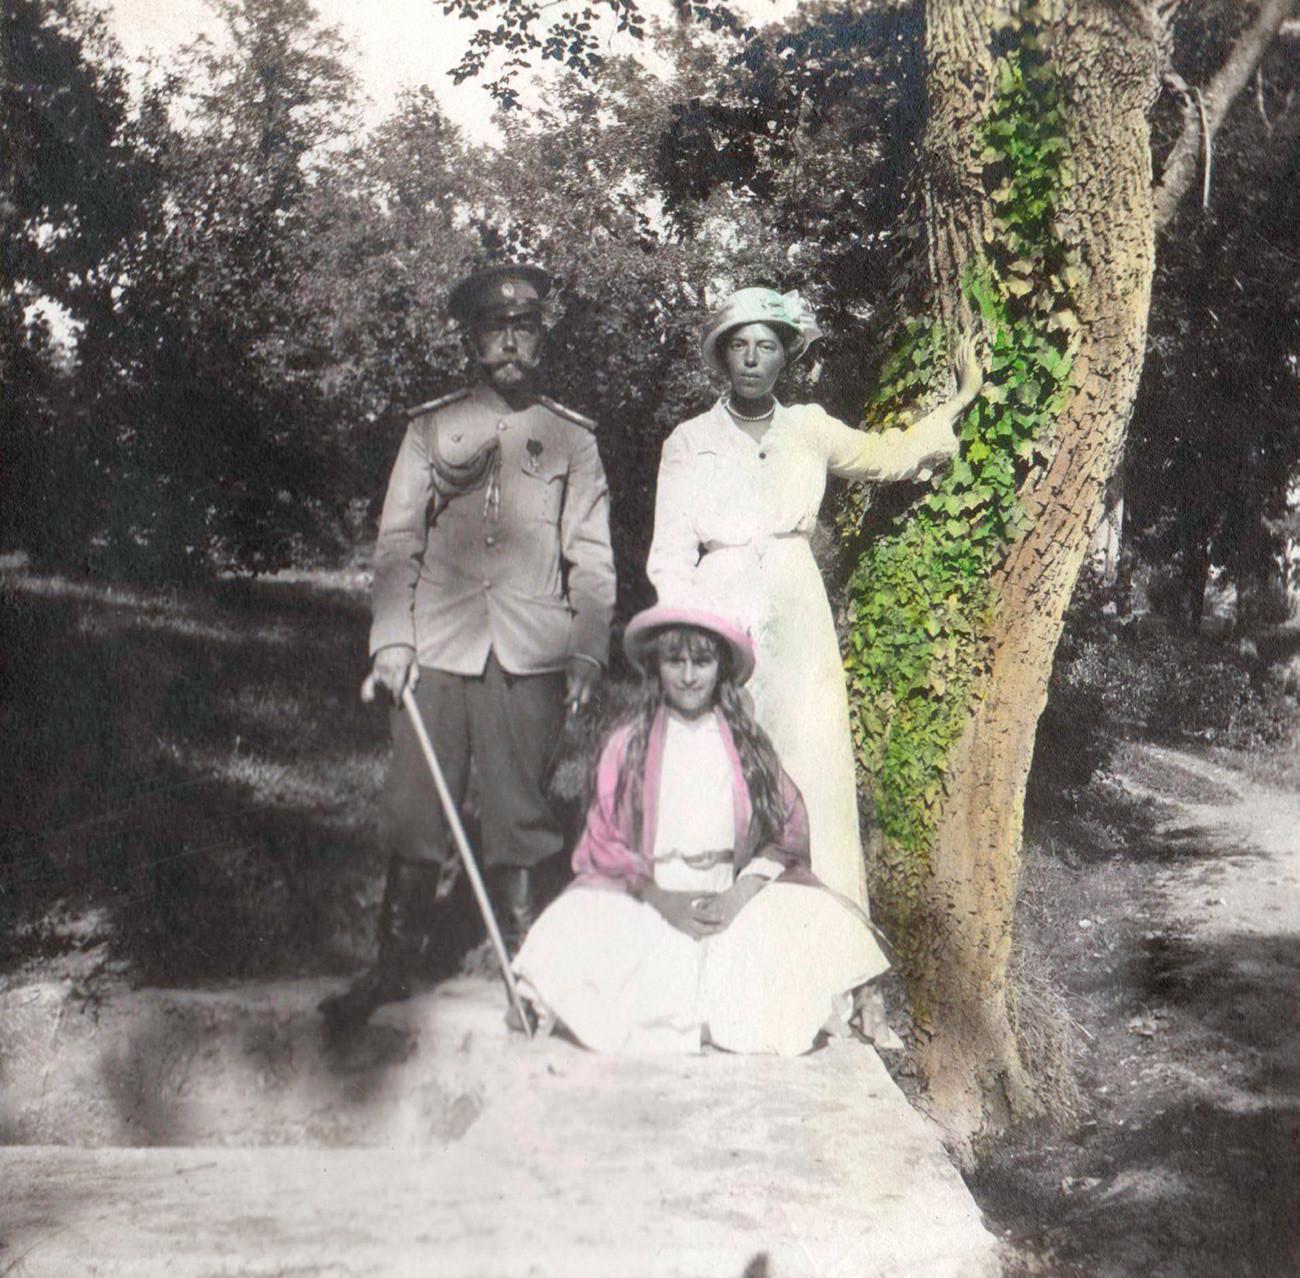 ニコライ2世とオリガ・アレクサンドロヴナ大公女とアナスタシア皇女